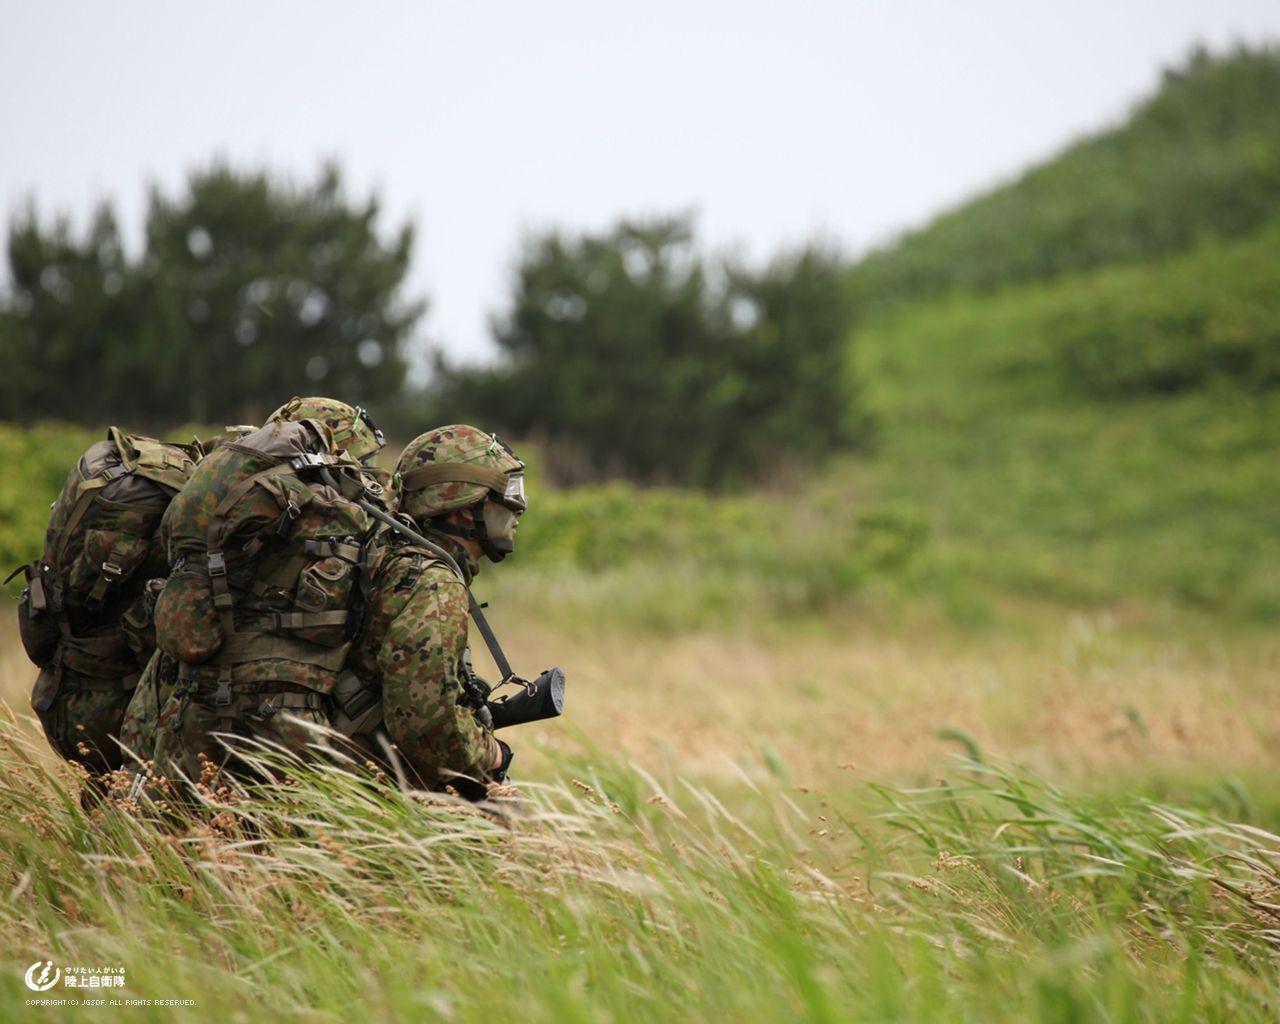 防衛省 自衛隊 防衛省ウェブサイトのhttpsへの切り替えのお知らせ 陸上自衛隊 兵士 ミリタリーアート